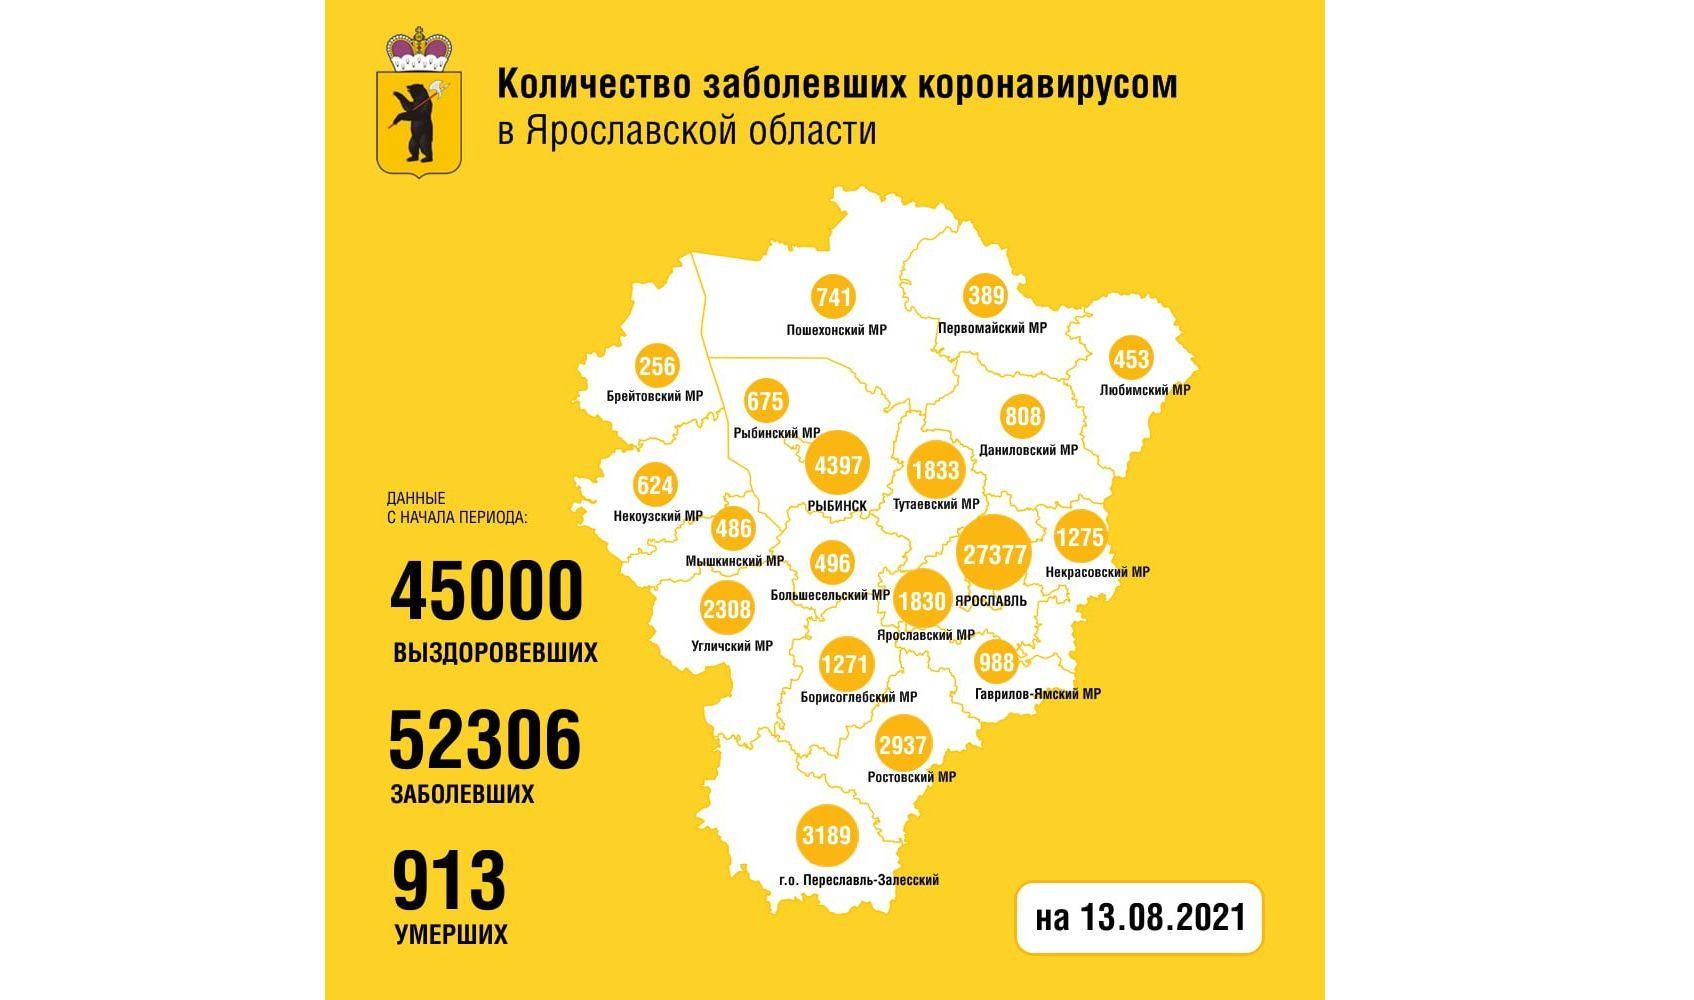 В Ярославской области еще 201 человек заболел коронавирусом, шестеро скончались